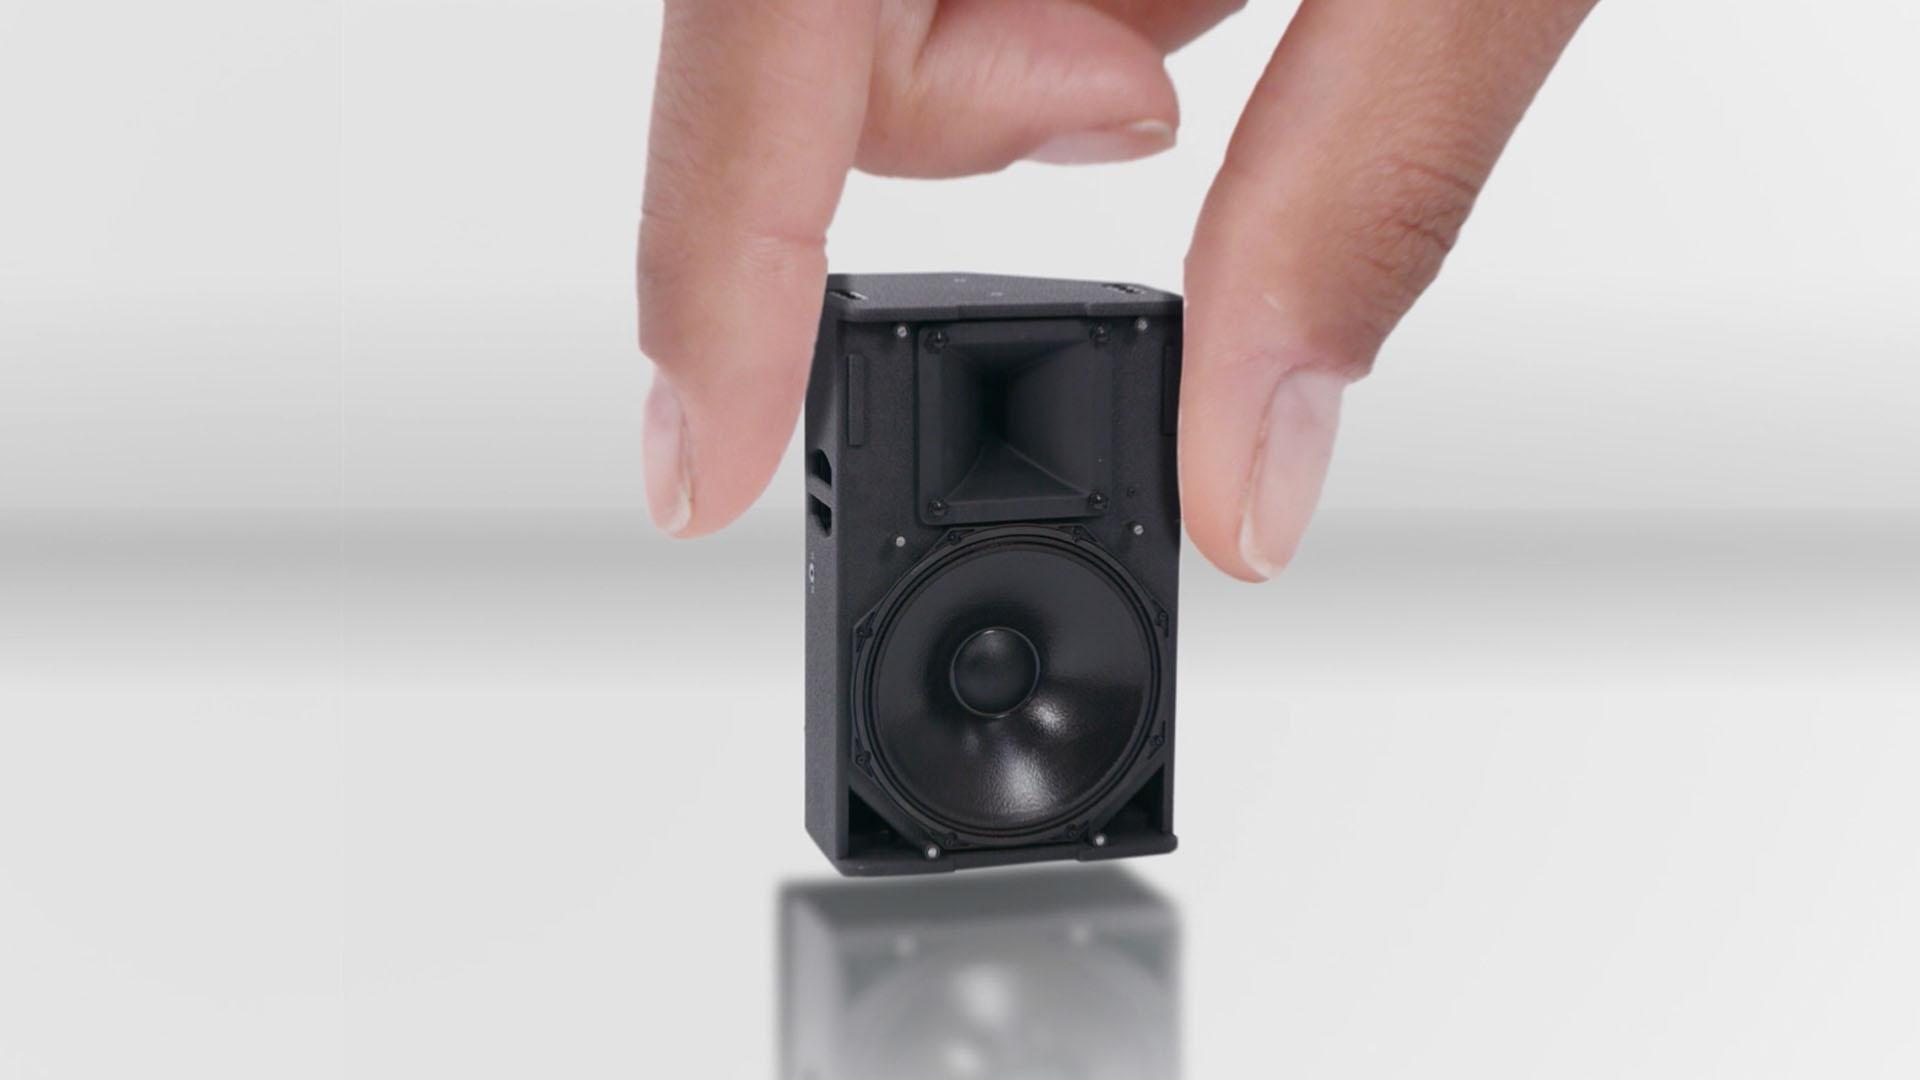 Das Bild zeigt eine schwarze Musikbox die sehr klein ist. Sie steht auf einem weißen Hintergrund. Zwei Finger halten die Box fest. Das Bild dient als Sliderbild für den Portfolioeintrag Ohropax OTC Kampagne von Panda Pictures.